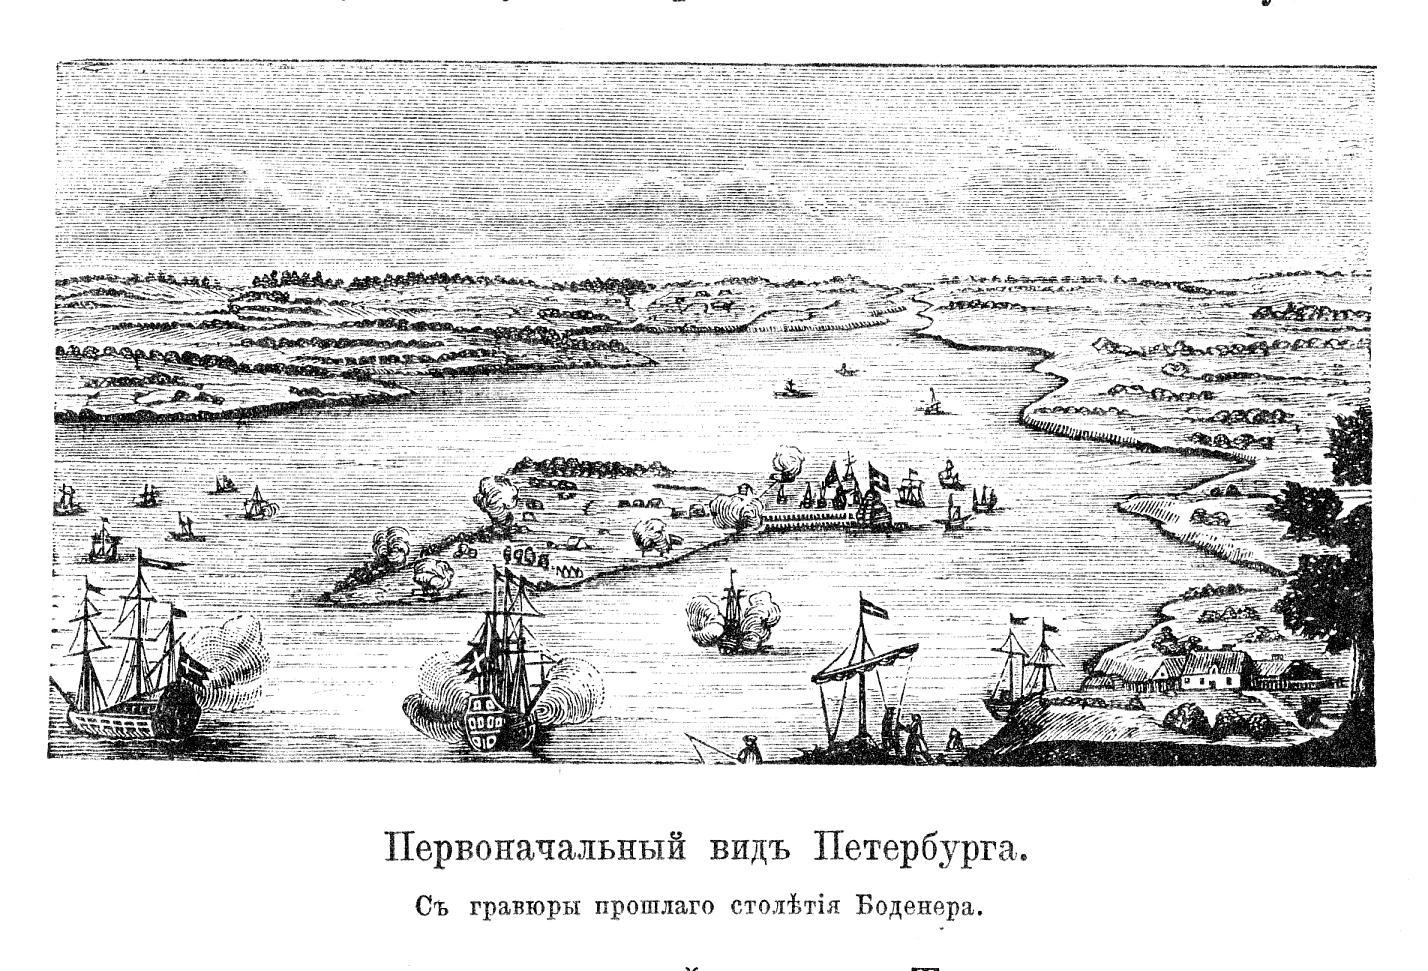 Первоначальный вид Петербурга